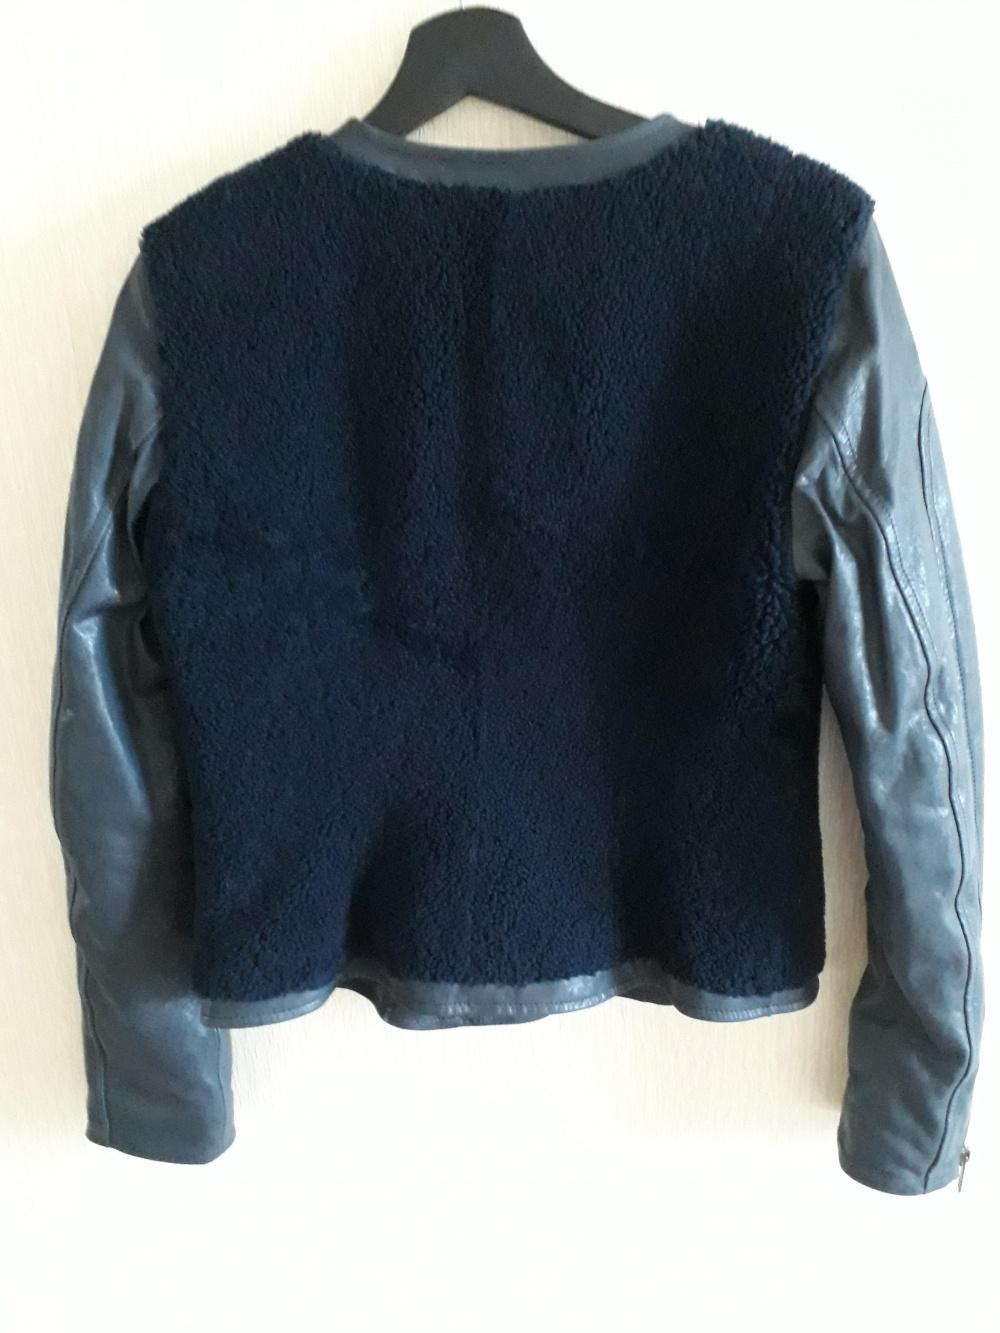 Куртка зимняя (меринос-утепленная кожа) Ventcouvert 42-44 рус (42 it)